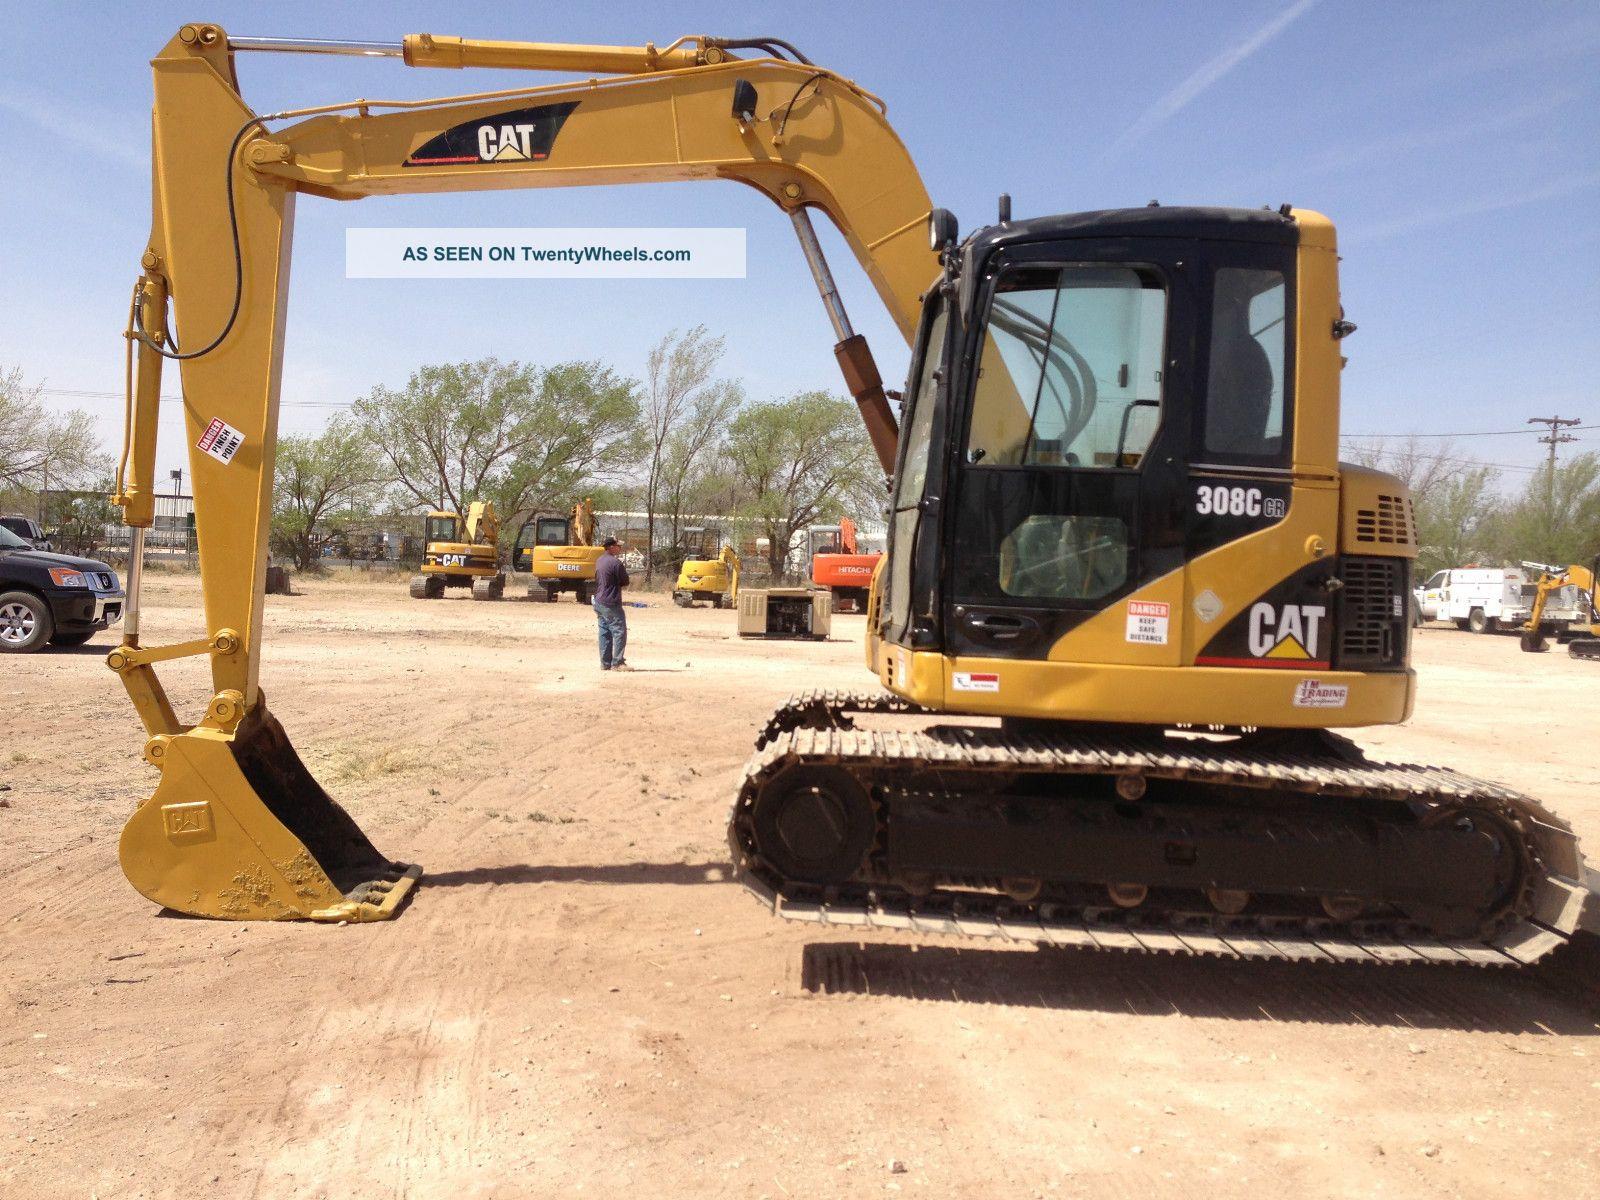 Caterpillar 308c Hydraulic Excavator Crawler Tractor Dozer Loader 308 C Cab Excavators photo